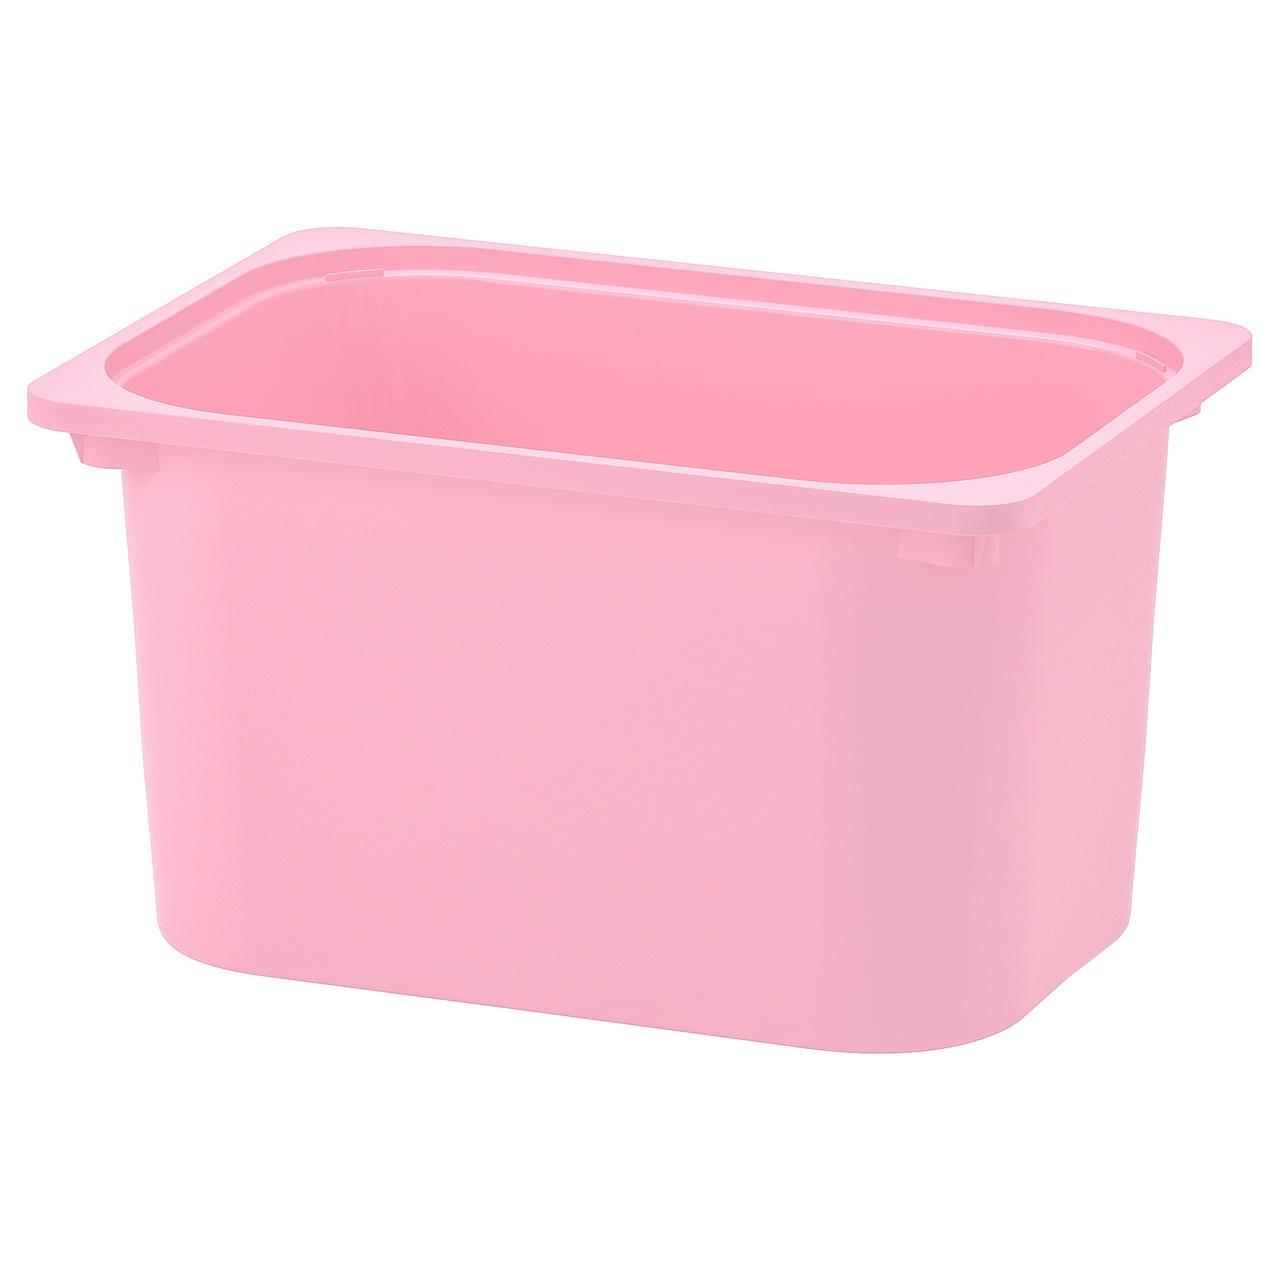 Контейнер IKEA TROFAST розовый 501.158.62